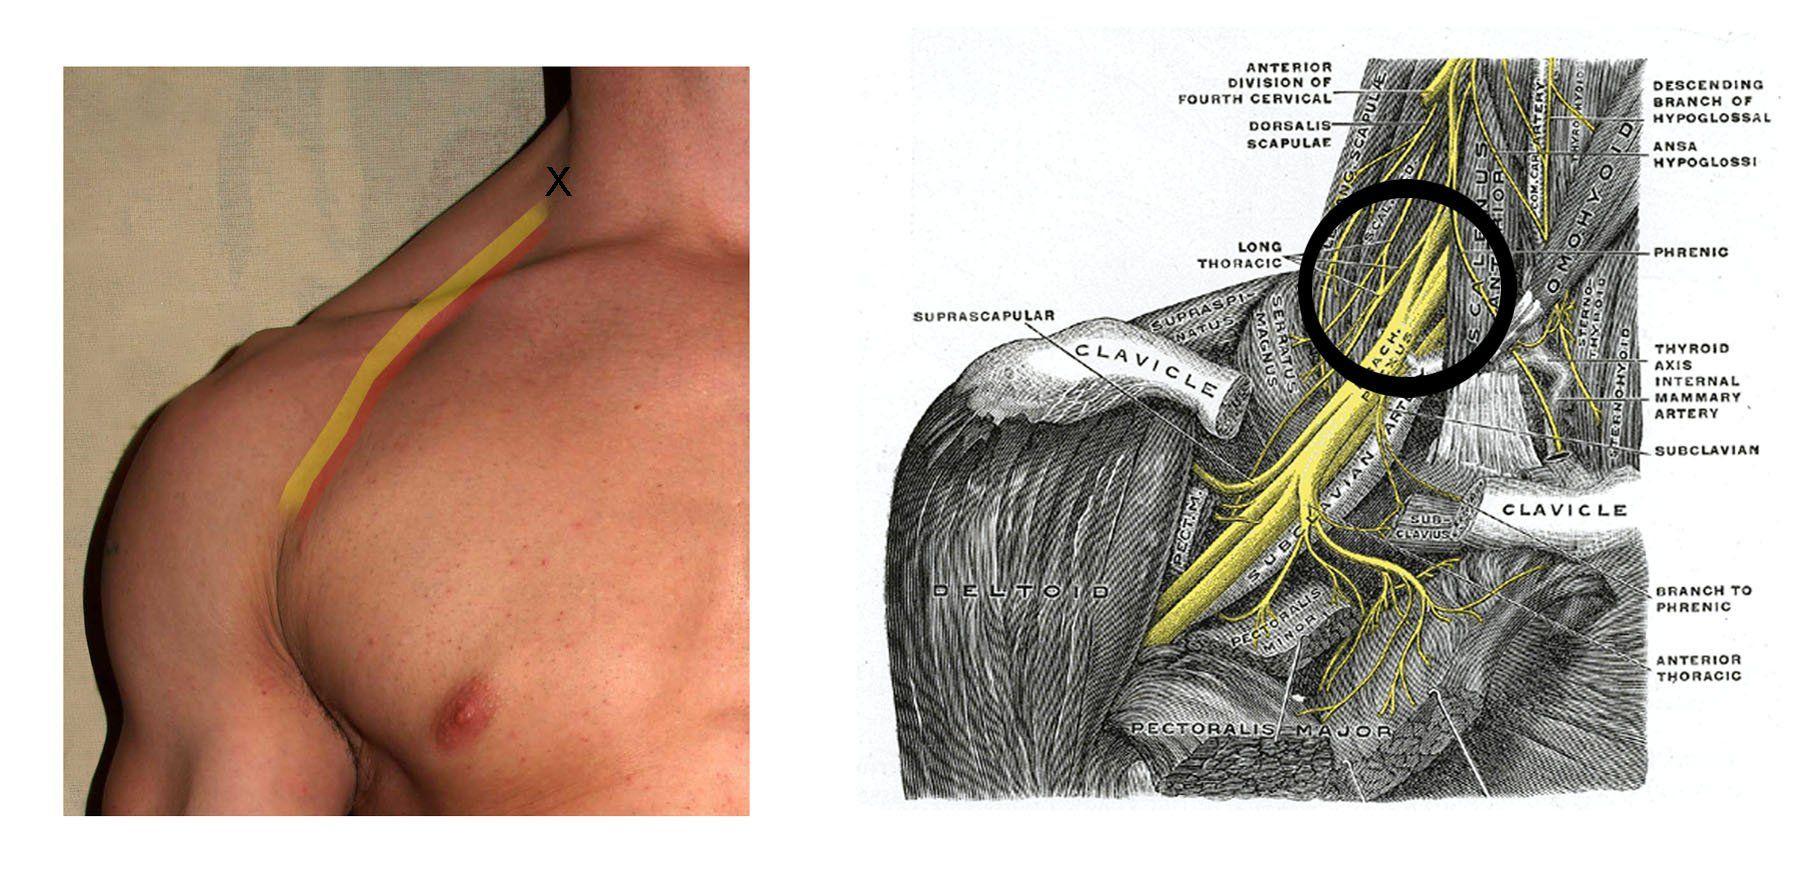 Interscalene Block: Nerve Block for Shoulder Surgery   Med Stuff ...